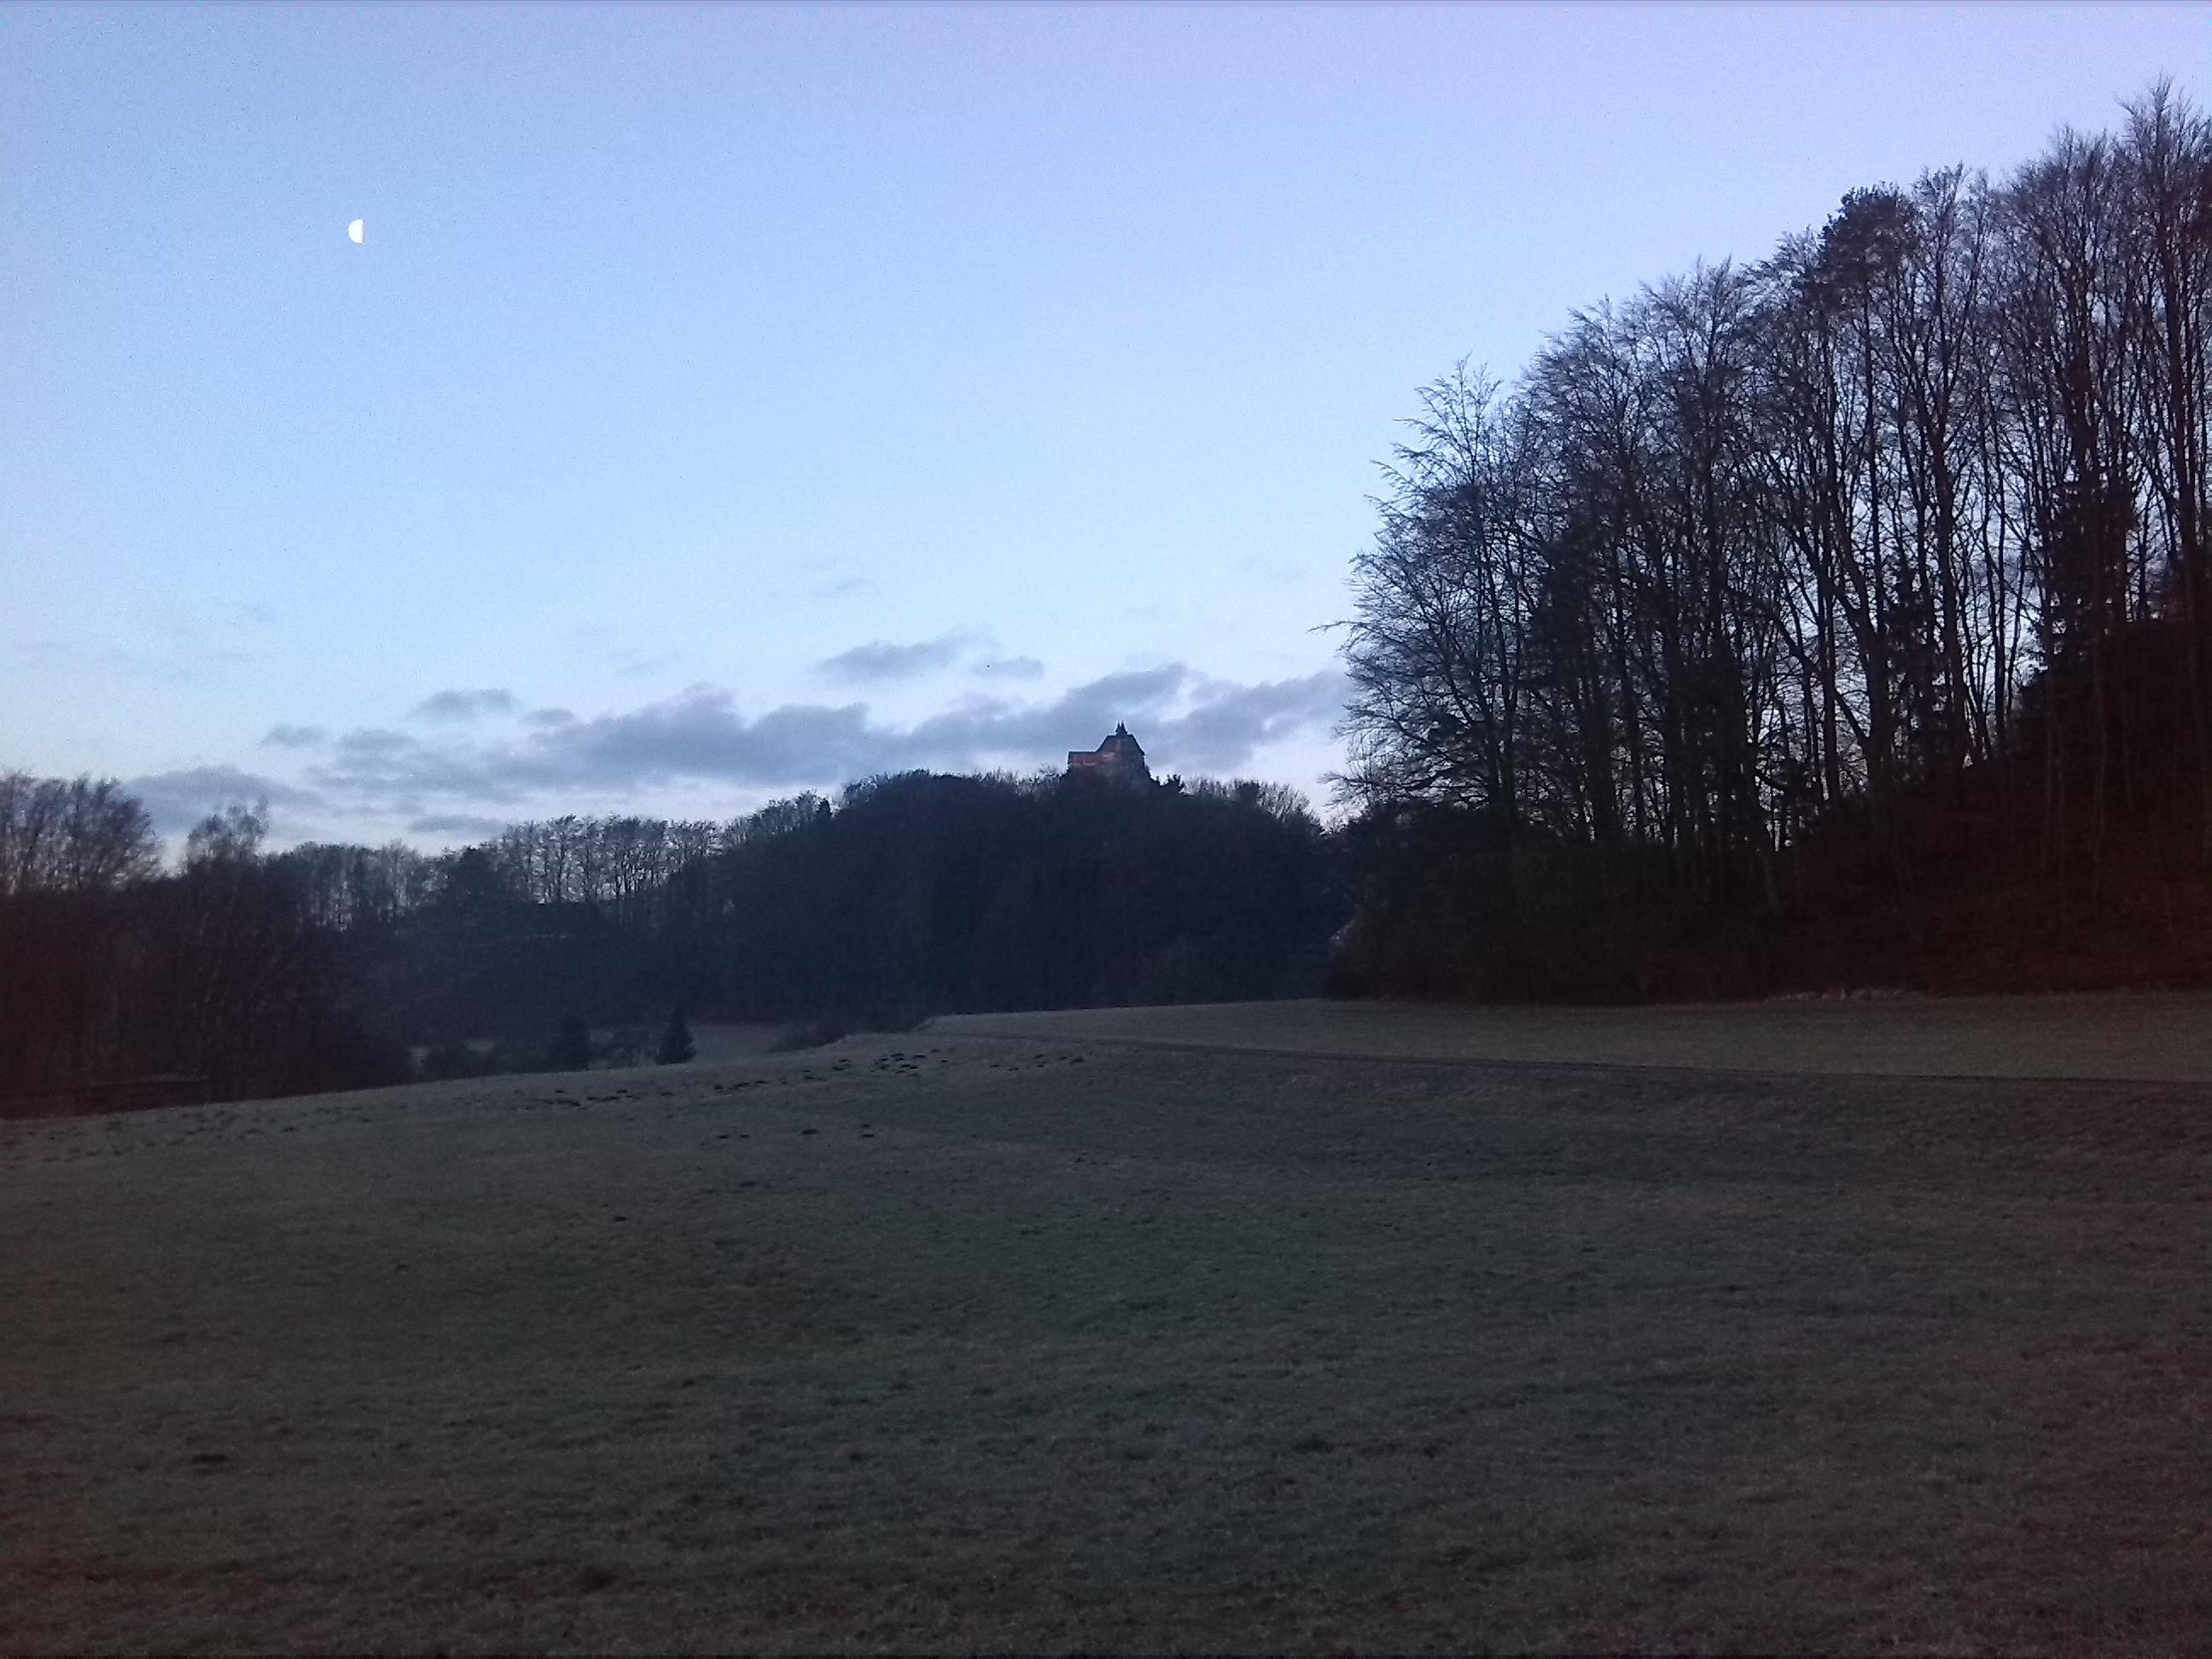 Erste kurze Pause mit Blick auf Burg Hohenstein